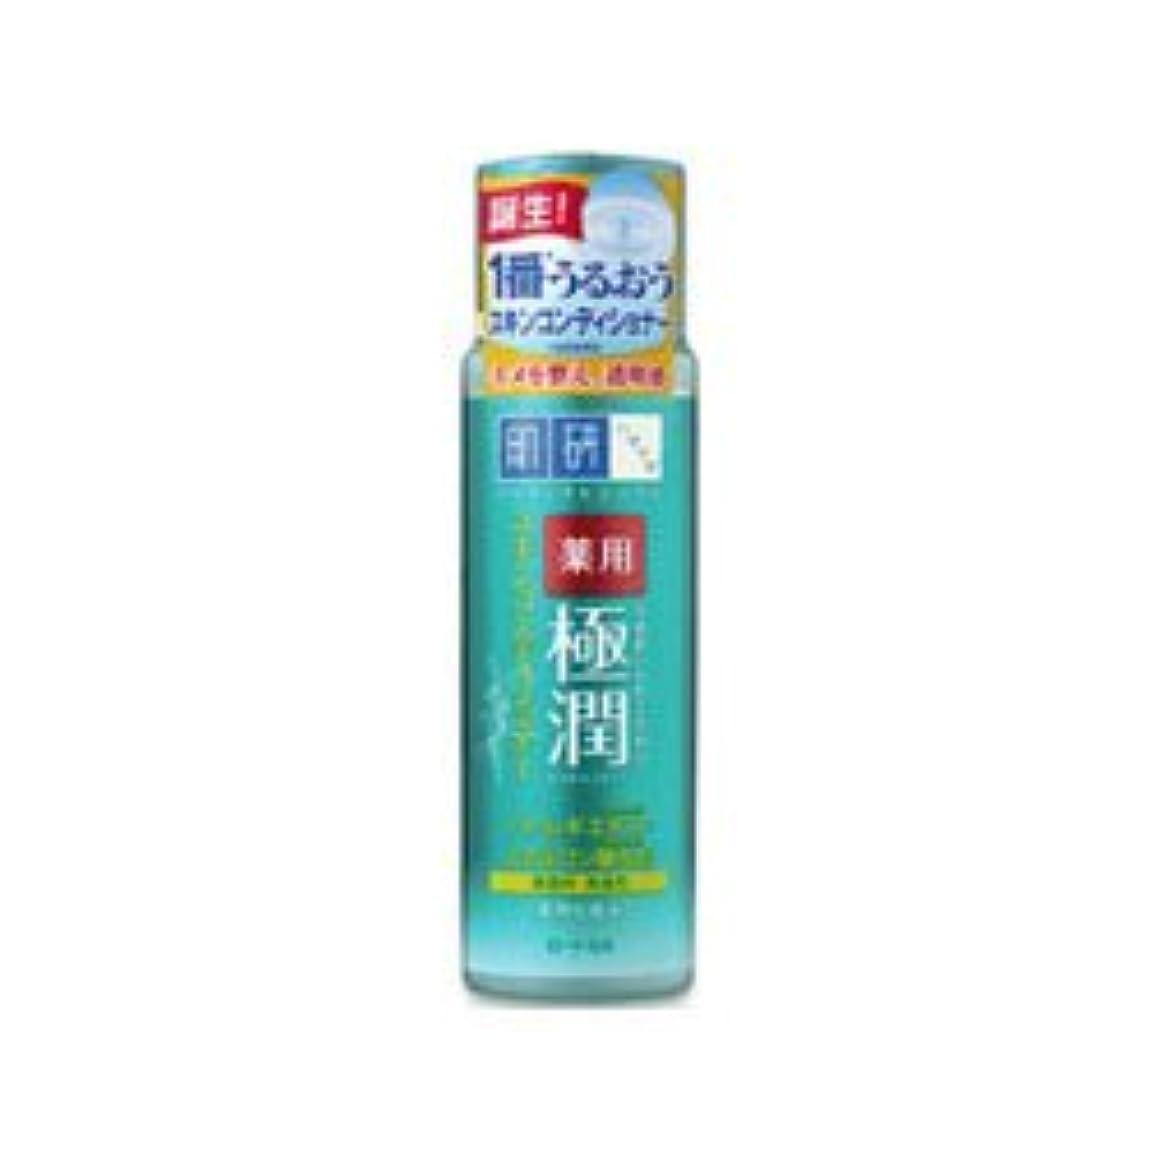 力学介入するバトル【ロート製薬】肌研 薬用極潤スキンコンディショナー 170ml(医薬部外品) ×3個セット